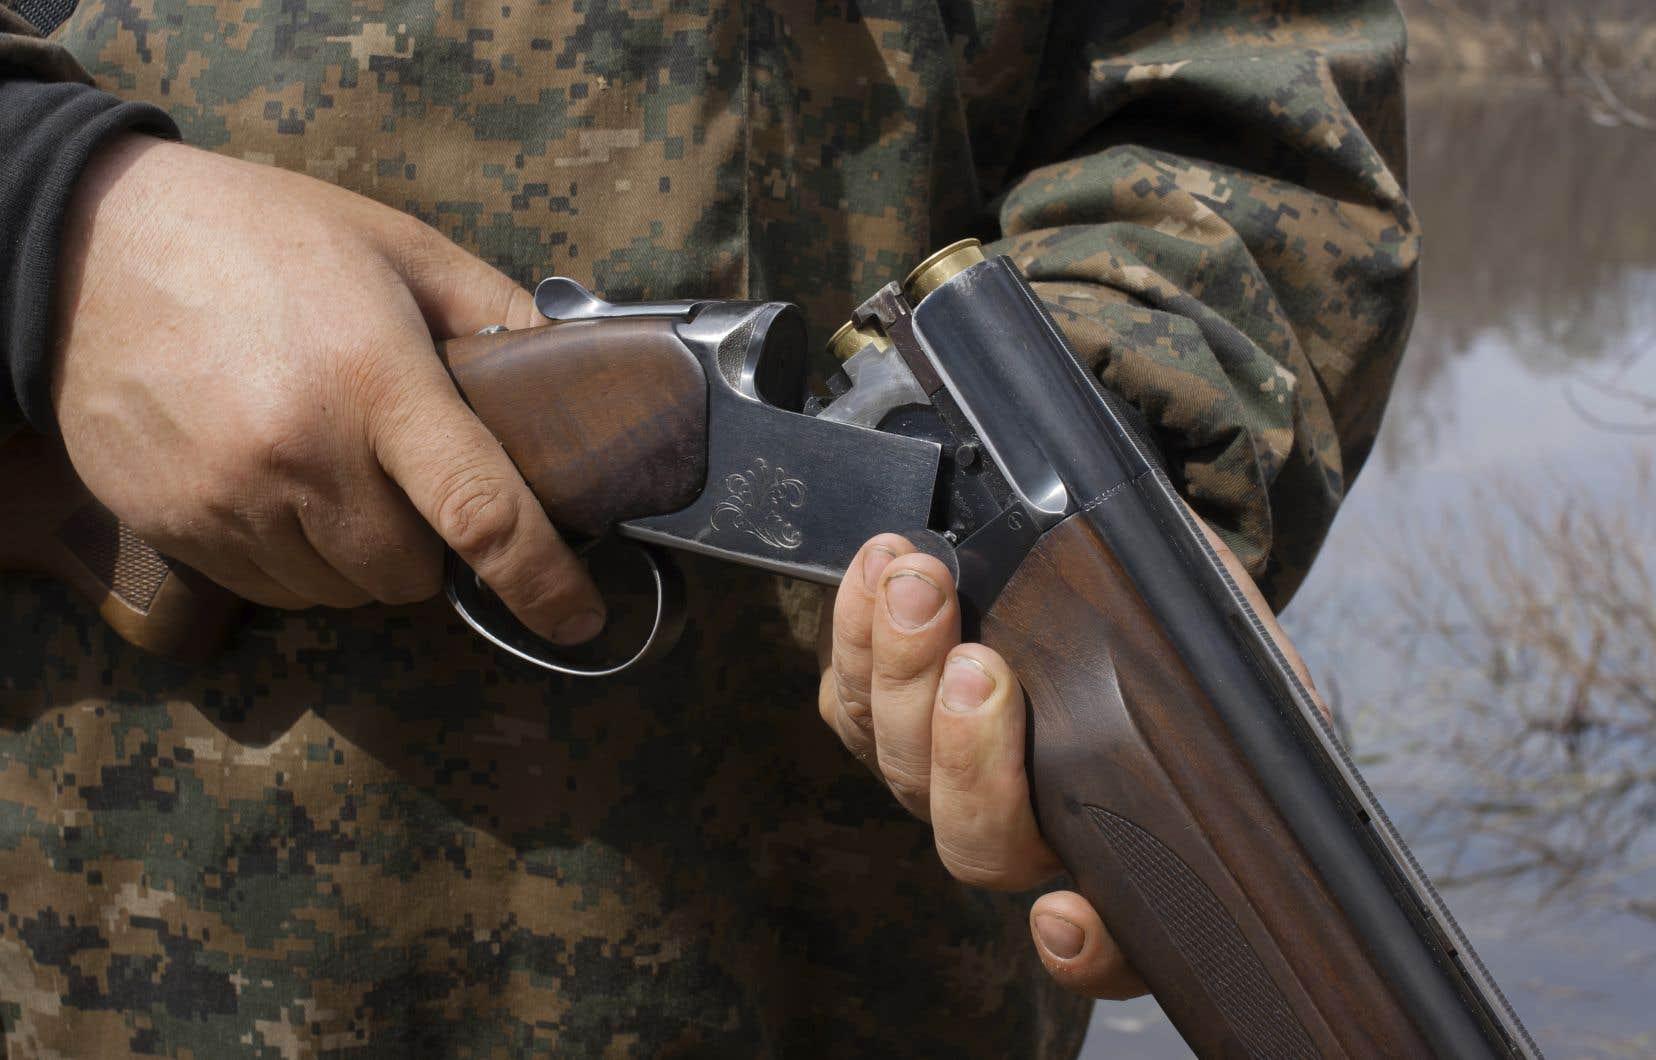 «Il apparaît évident que ce registre répond à des enjeux urbains de criminalité, mais du point de vue d'un chasseur naskapi, une arme n'est pas plus qu'un outil comme un autre», argue l'auteur.